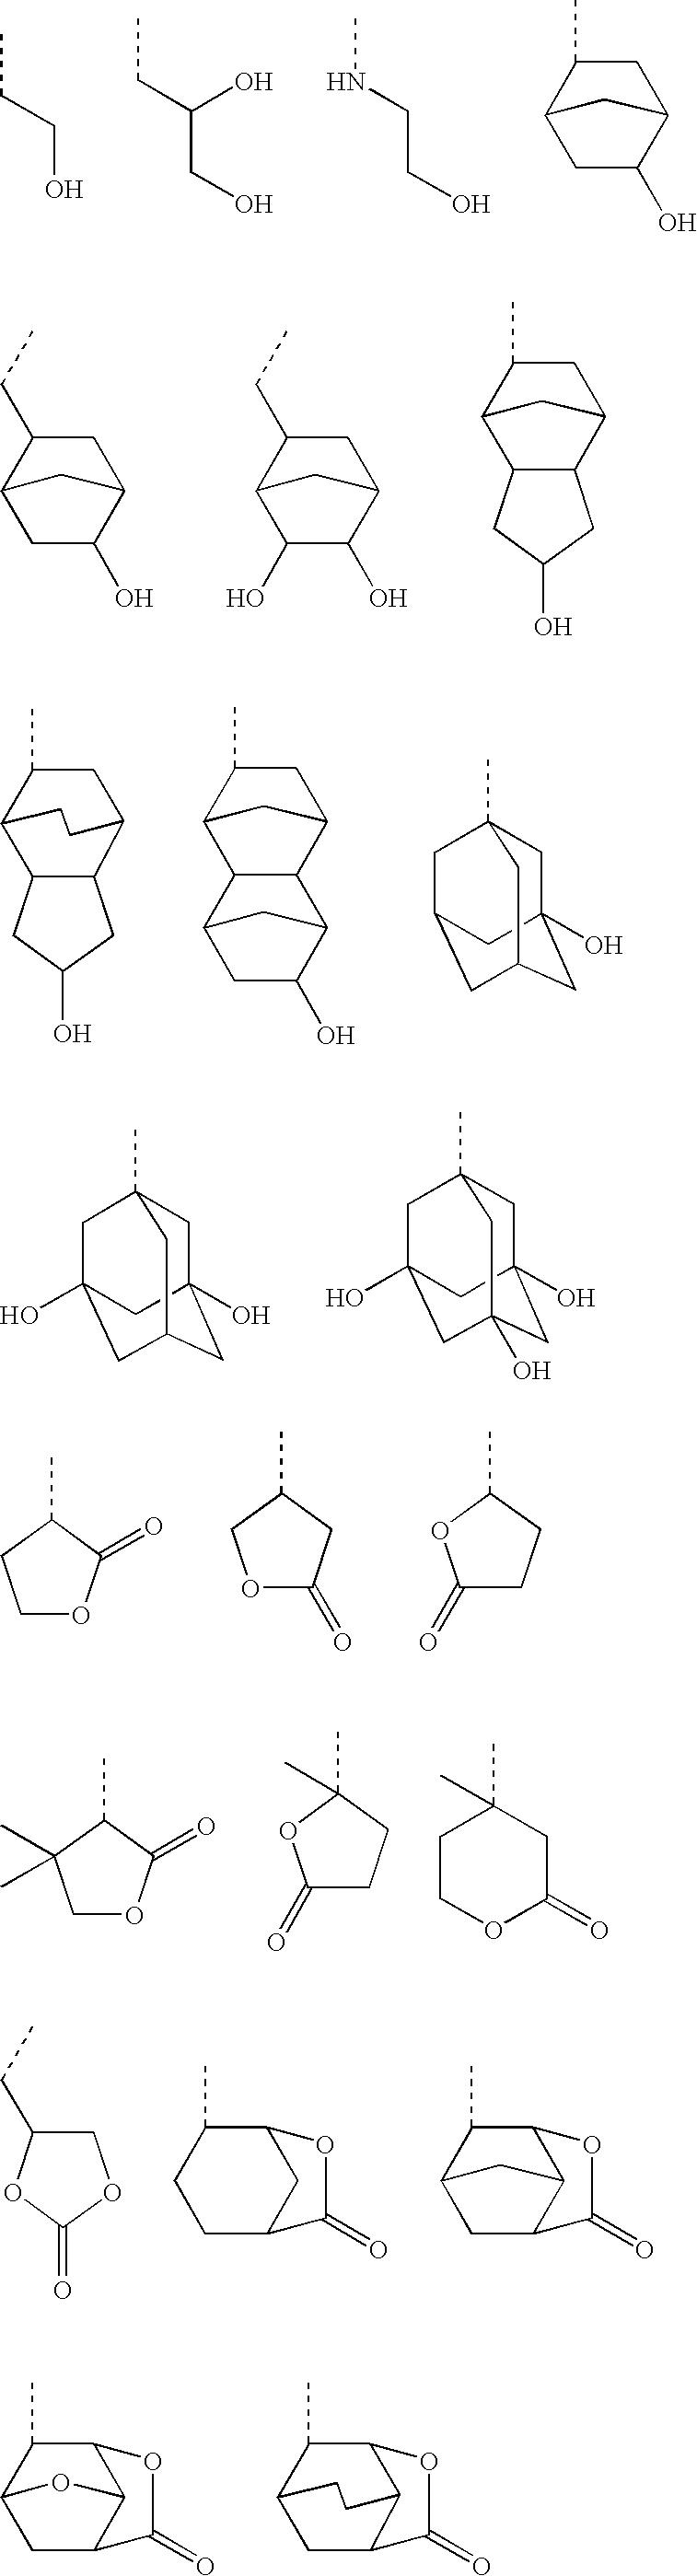 Figure US07537880-20090526-C00012